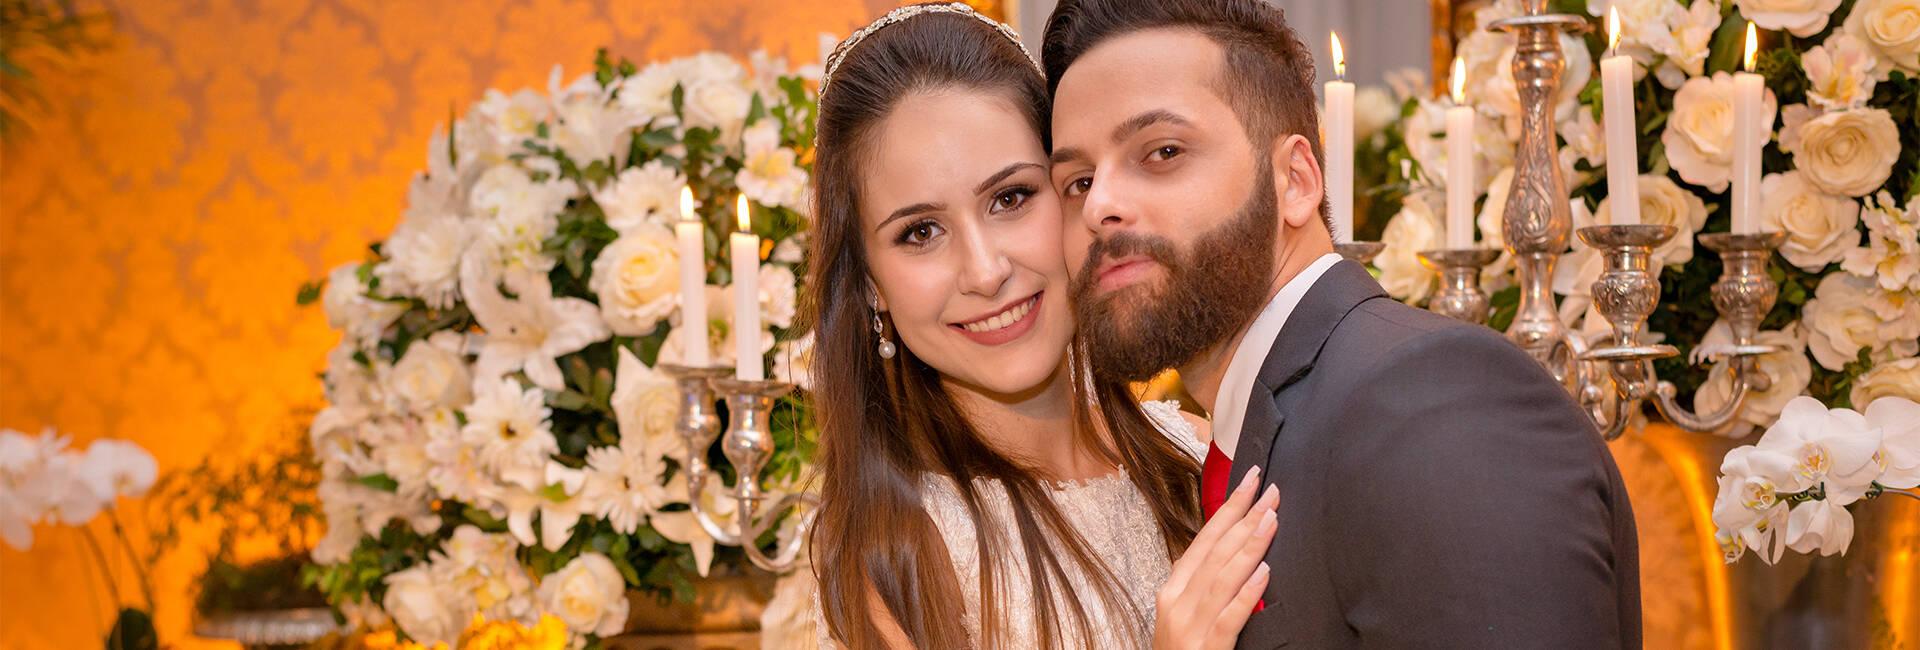 Casamento de Gabriella + Aumddy